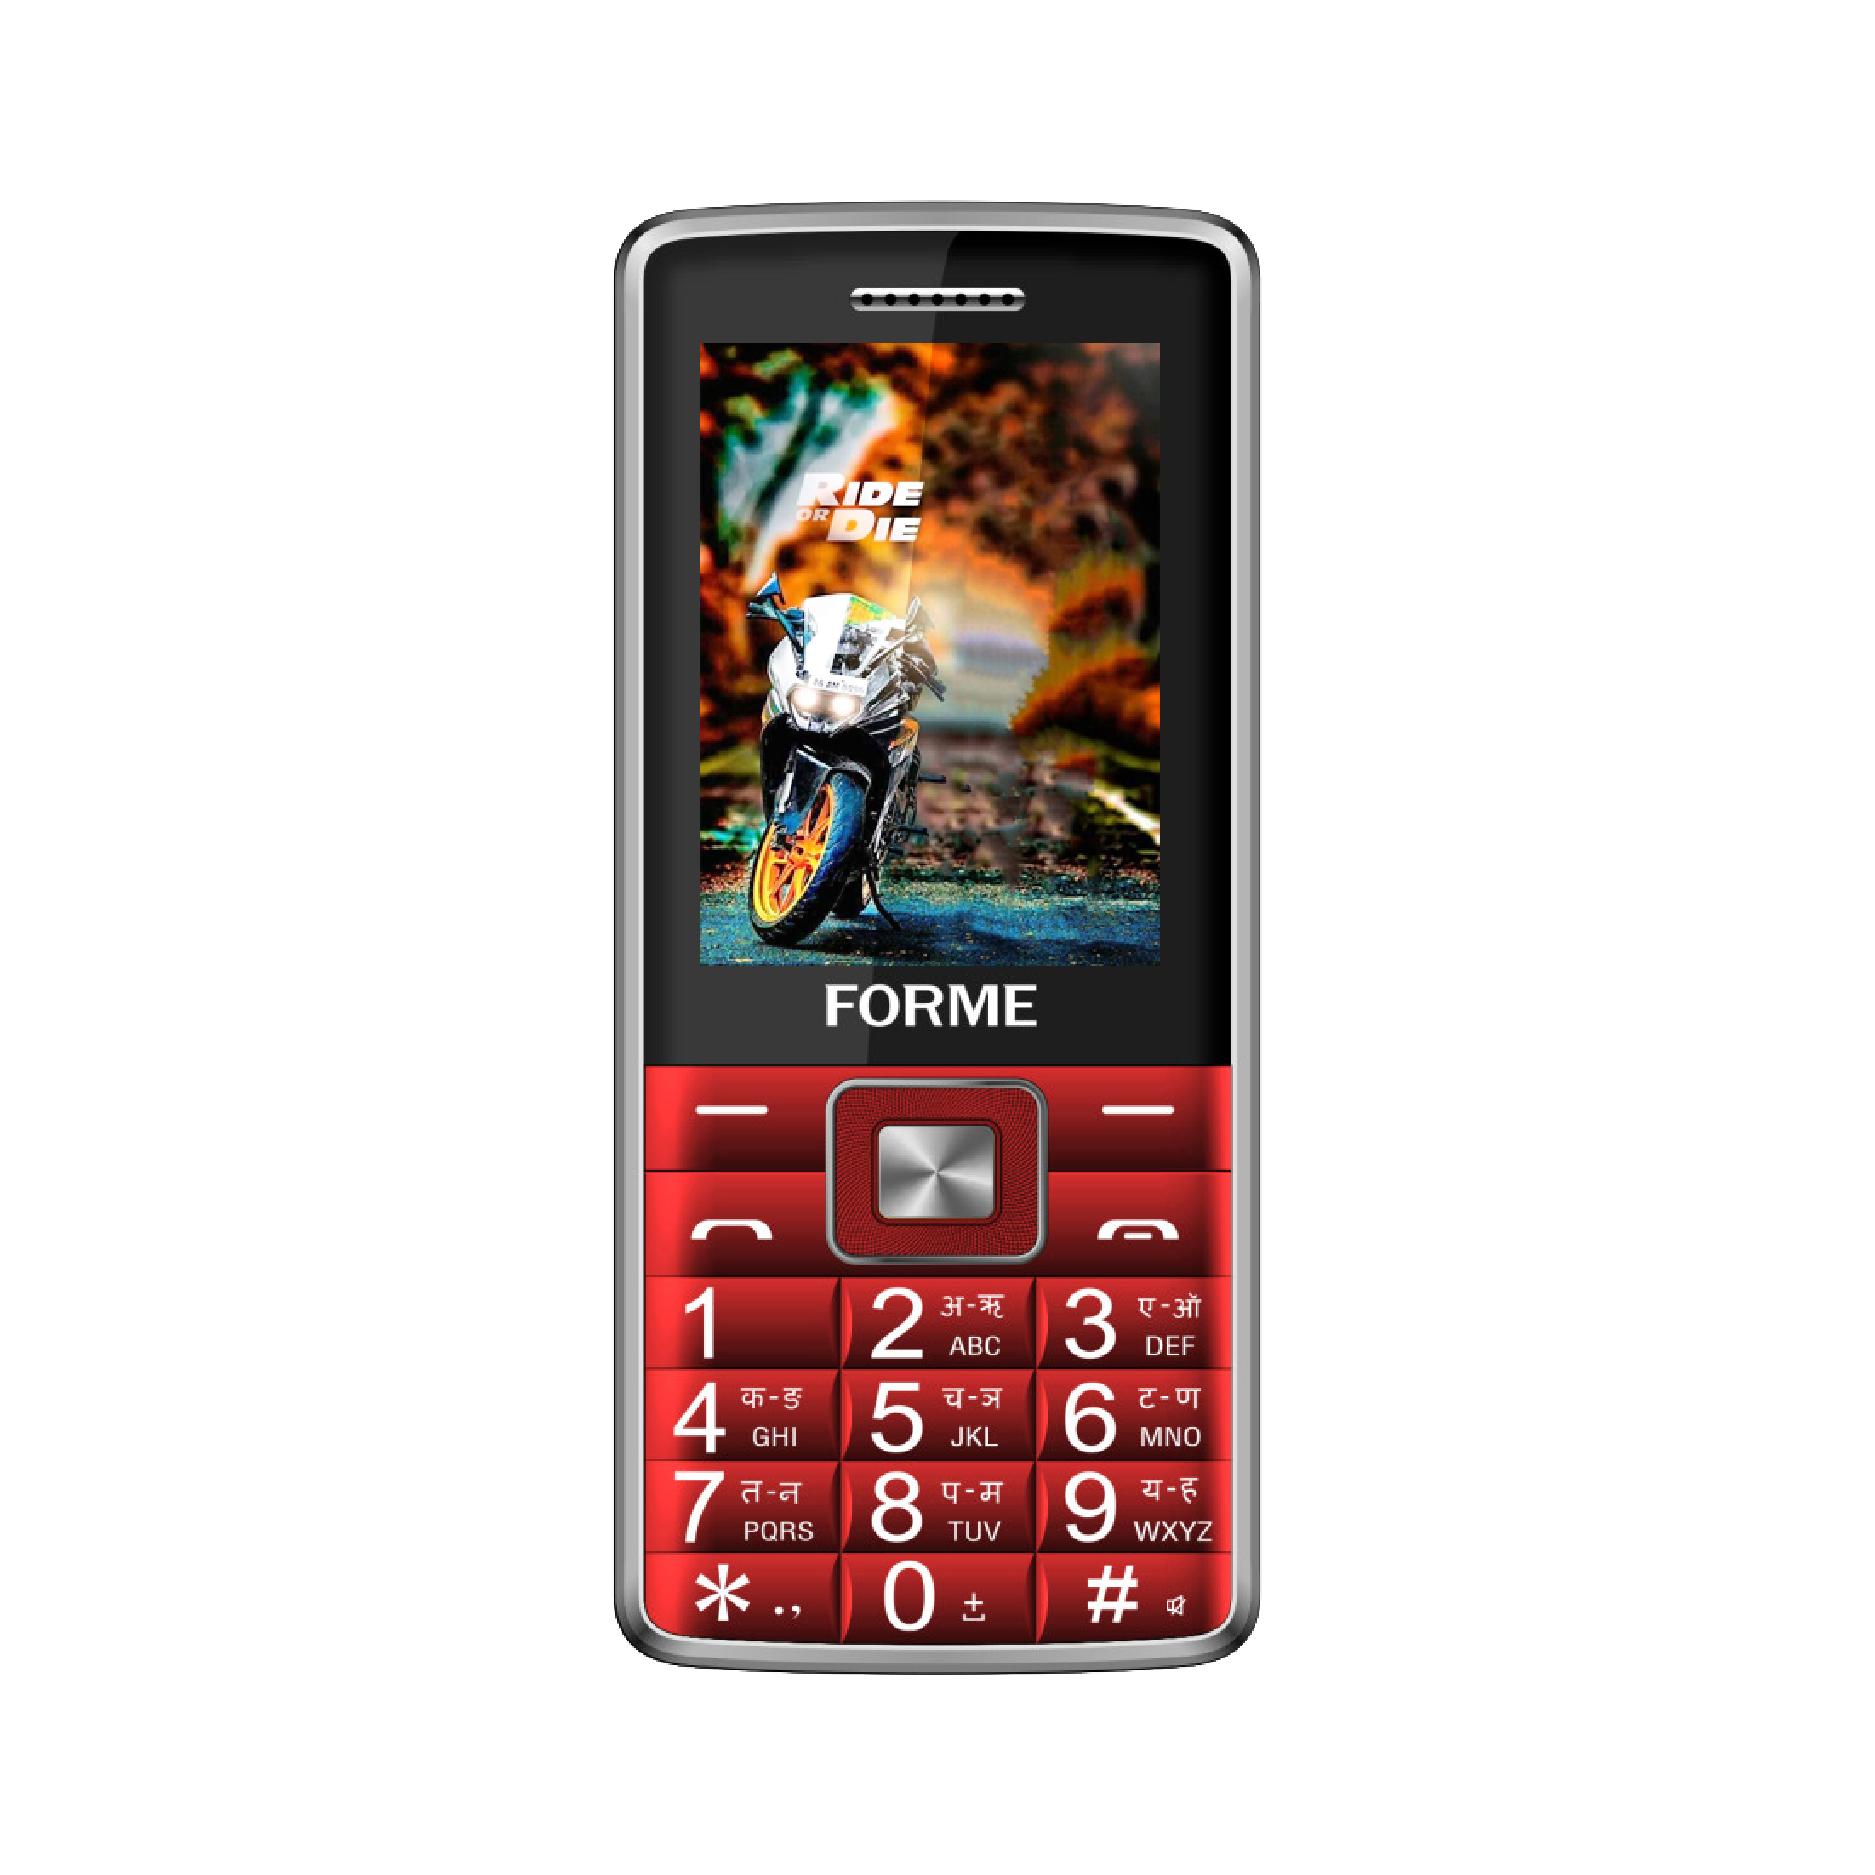 Điện thoại di động Forme D555+ 2sim, loa nghe gọi to rõ - Hàng Chính Hãng